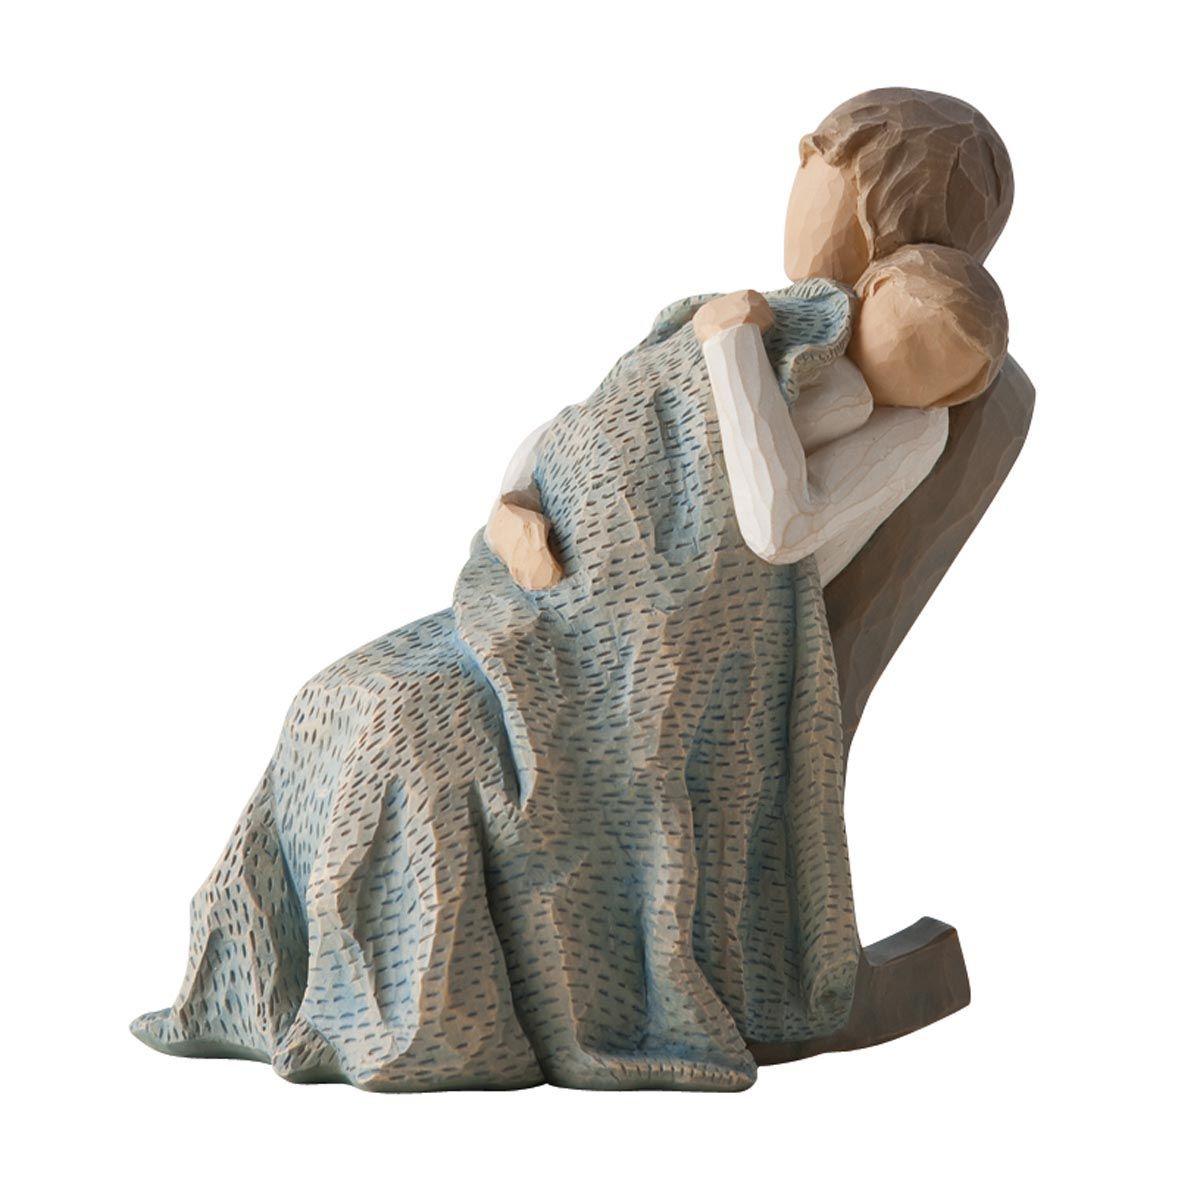 Фигурка декоративная Willow Tree Одеяло, высота 14 см28969 7Декоративная фигурка Willow Tree создана канадским скульптором Сьюзан Лорди. Фигурка выполнена из искусственного камня (49% карбонат кальция мелкозернистой разновидности, 51% искусственный камень).Фигурка Willow Tree – это настоящее произведение искусства, образная скульптура в миниатюре, изображающая эмоции и чувства, которые помогают чувствовать себя ближе к другим, верить в мечту, выражать любовь.Фигурка помещена в красивую упаковку.Купить такой оригинальный подарок, значит не только украсить интерьер помещения или жилой комнаты, но выразить свое глубокое отношение к любимому человеку. Этот прекрасный сувенир будет лучшим подарком на день ангела, именины, день рождения, юбилей.